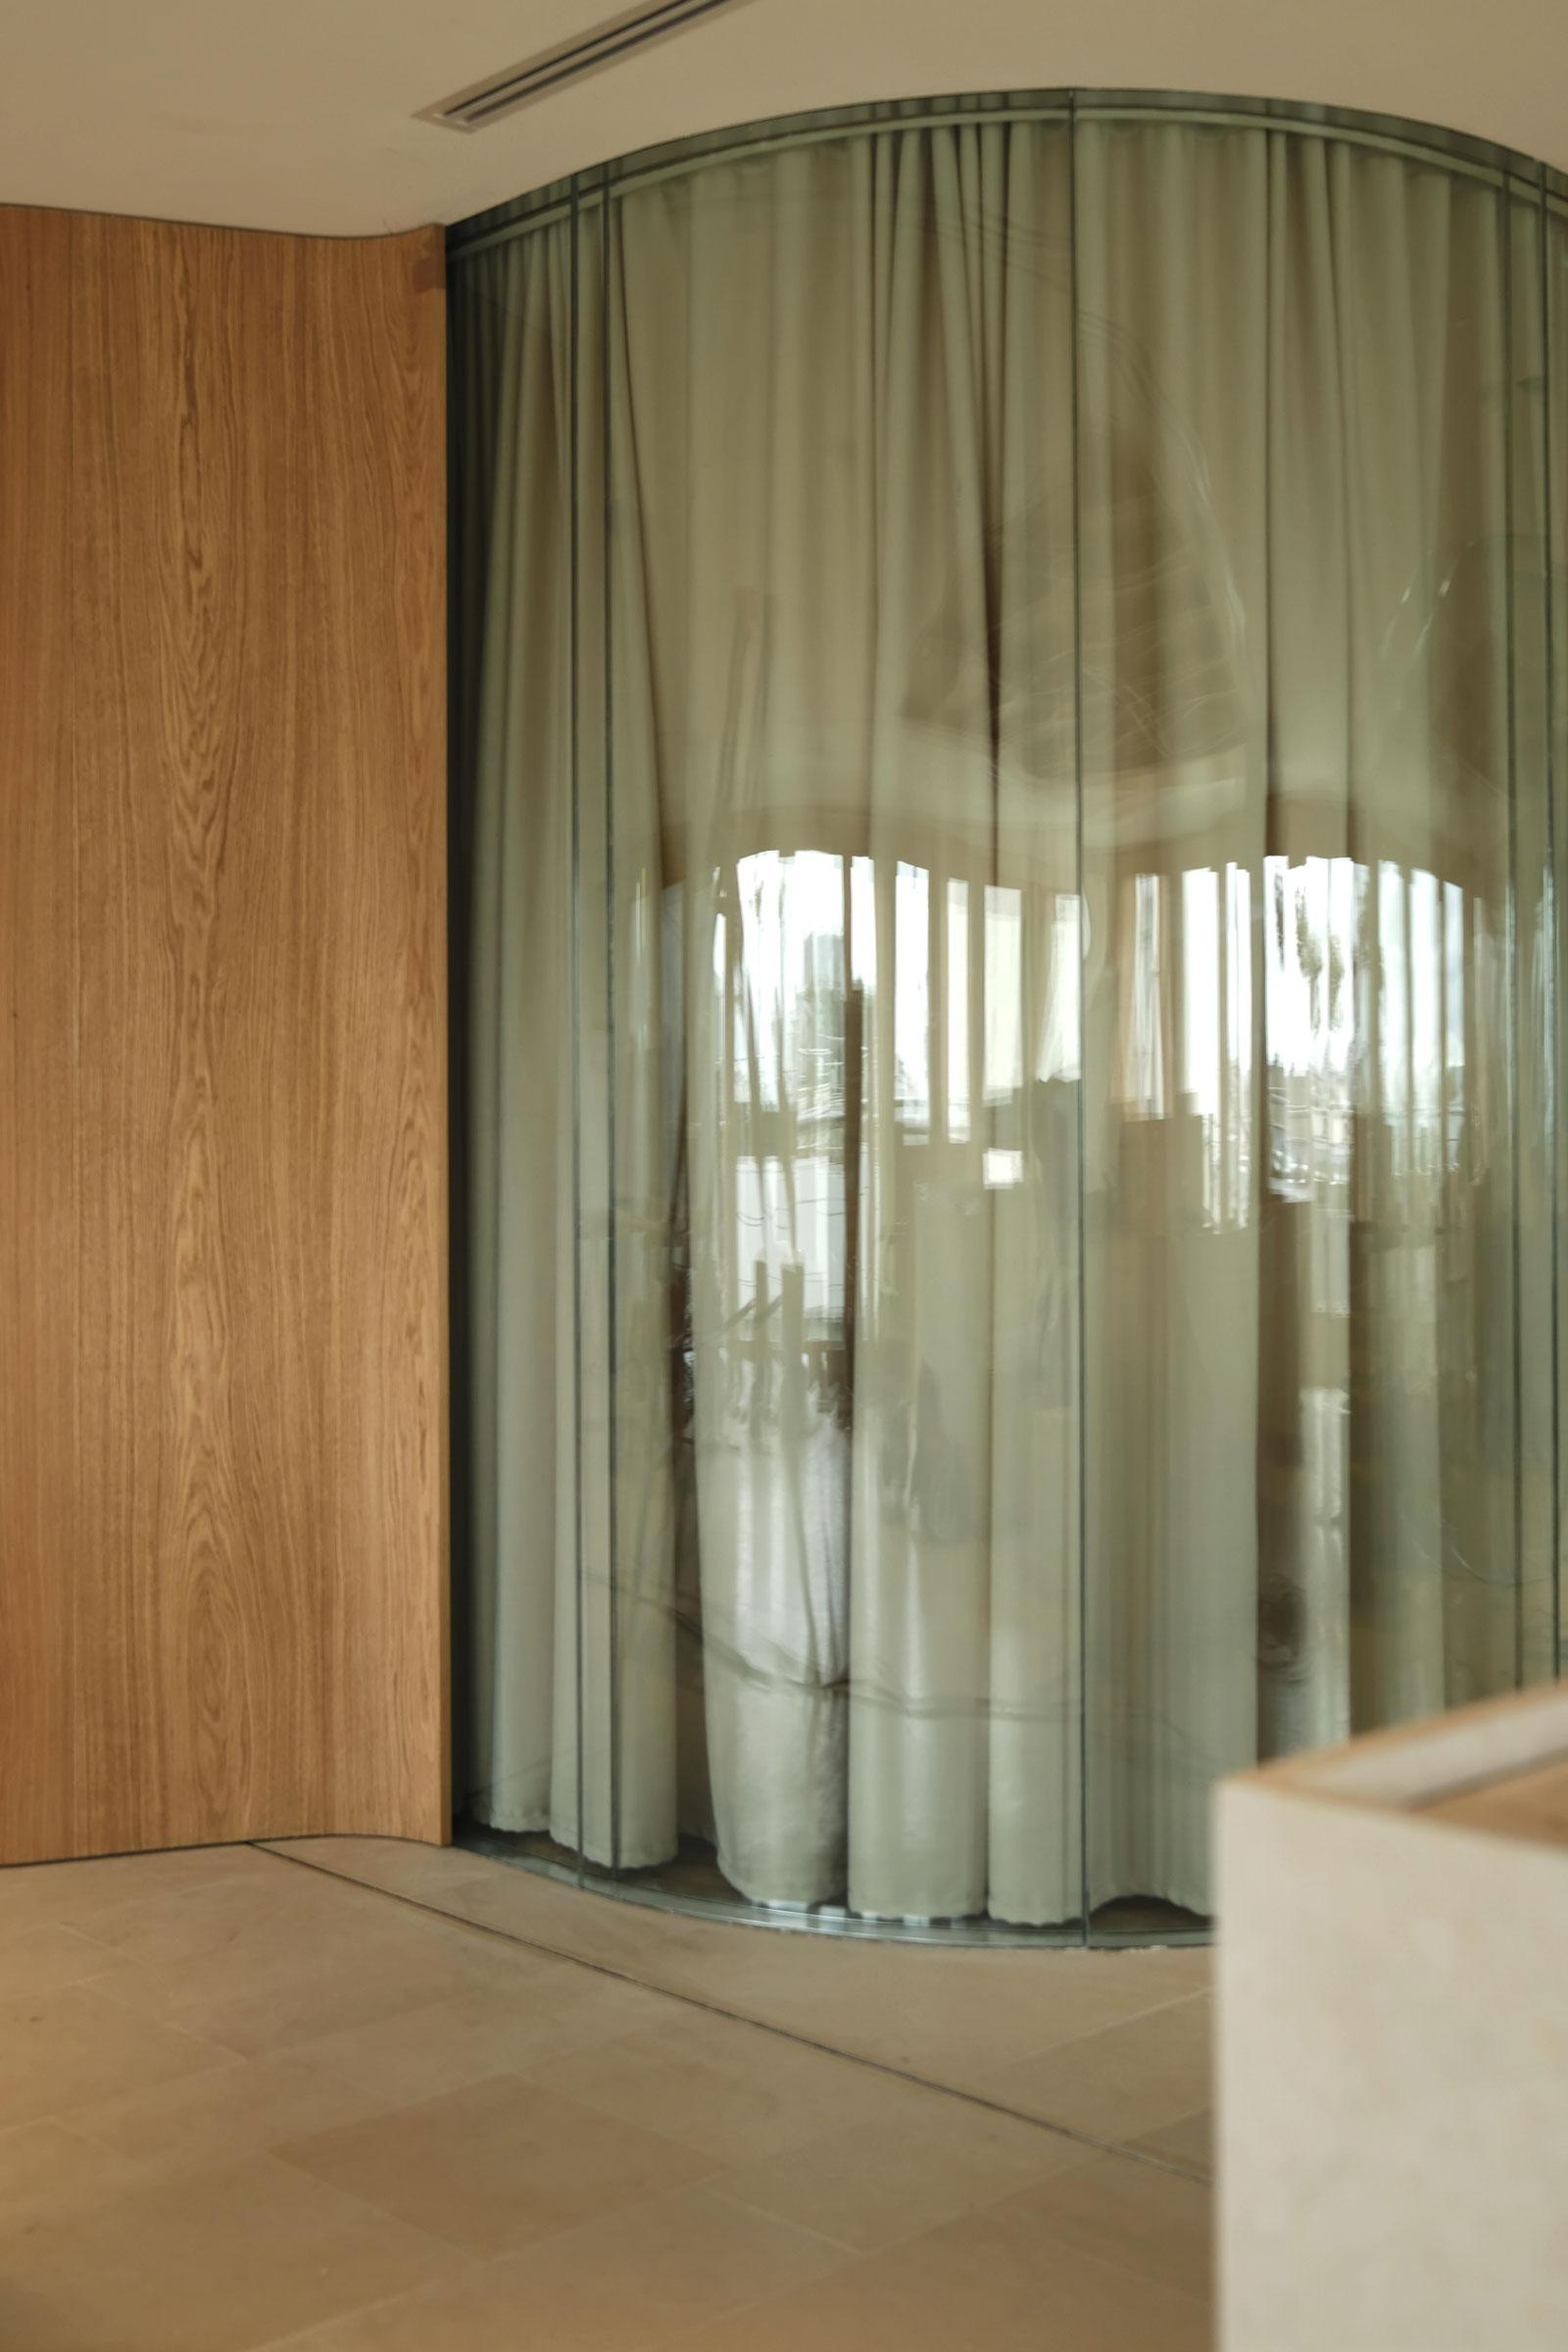 Hauvette Madani Matignon Office Accueil Photo Lucas Madani Yellowtrace 08